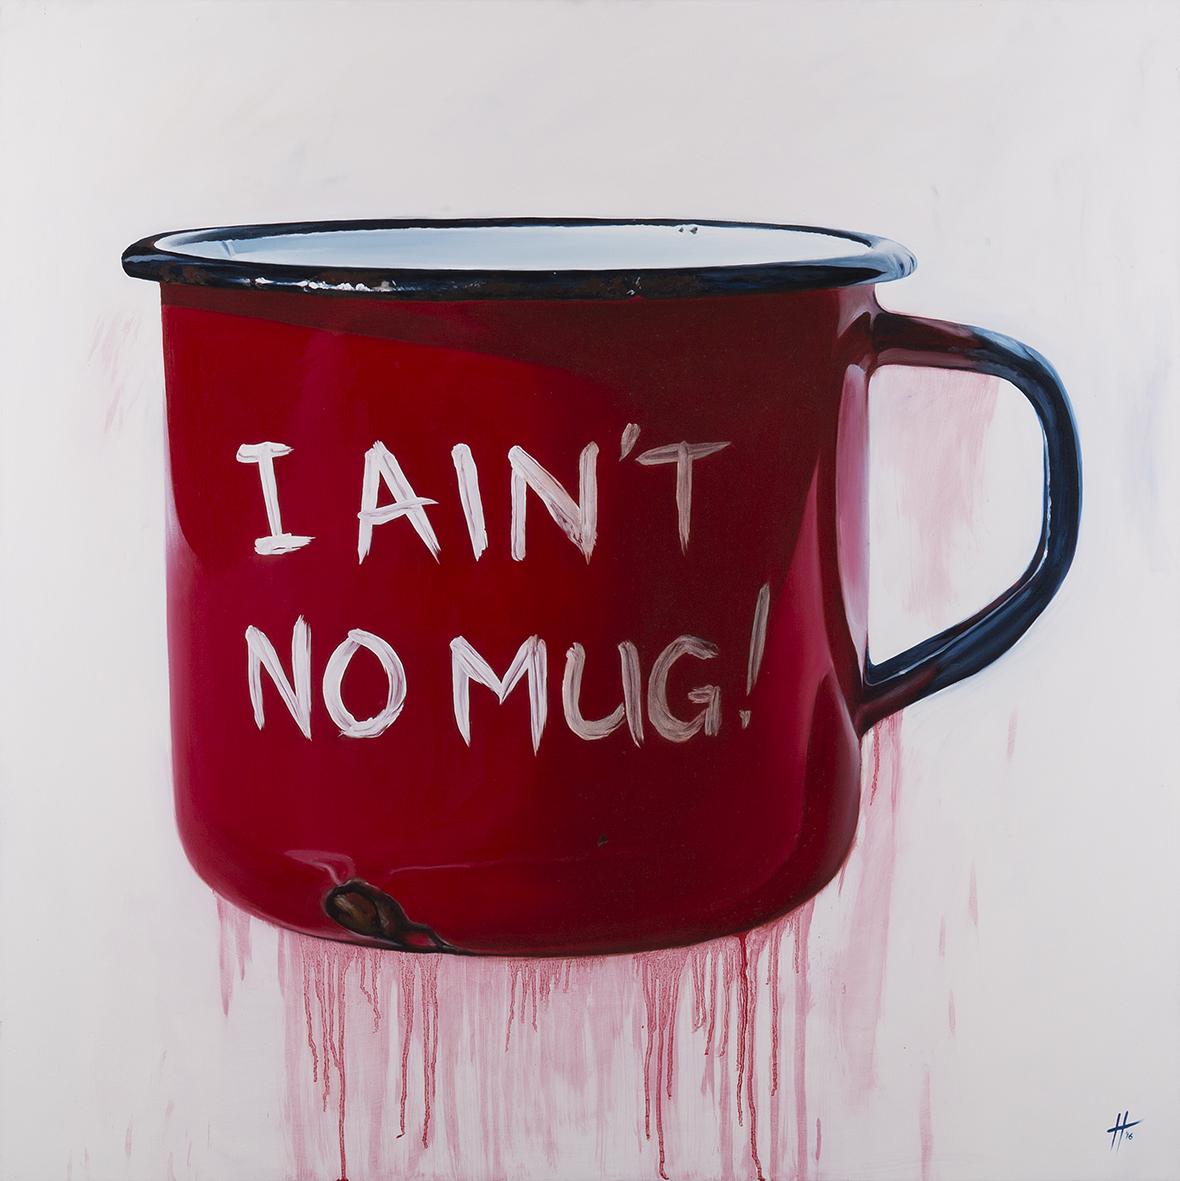 I Ain't No Mug